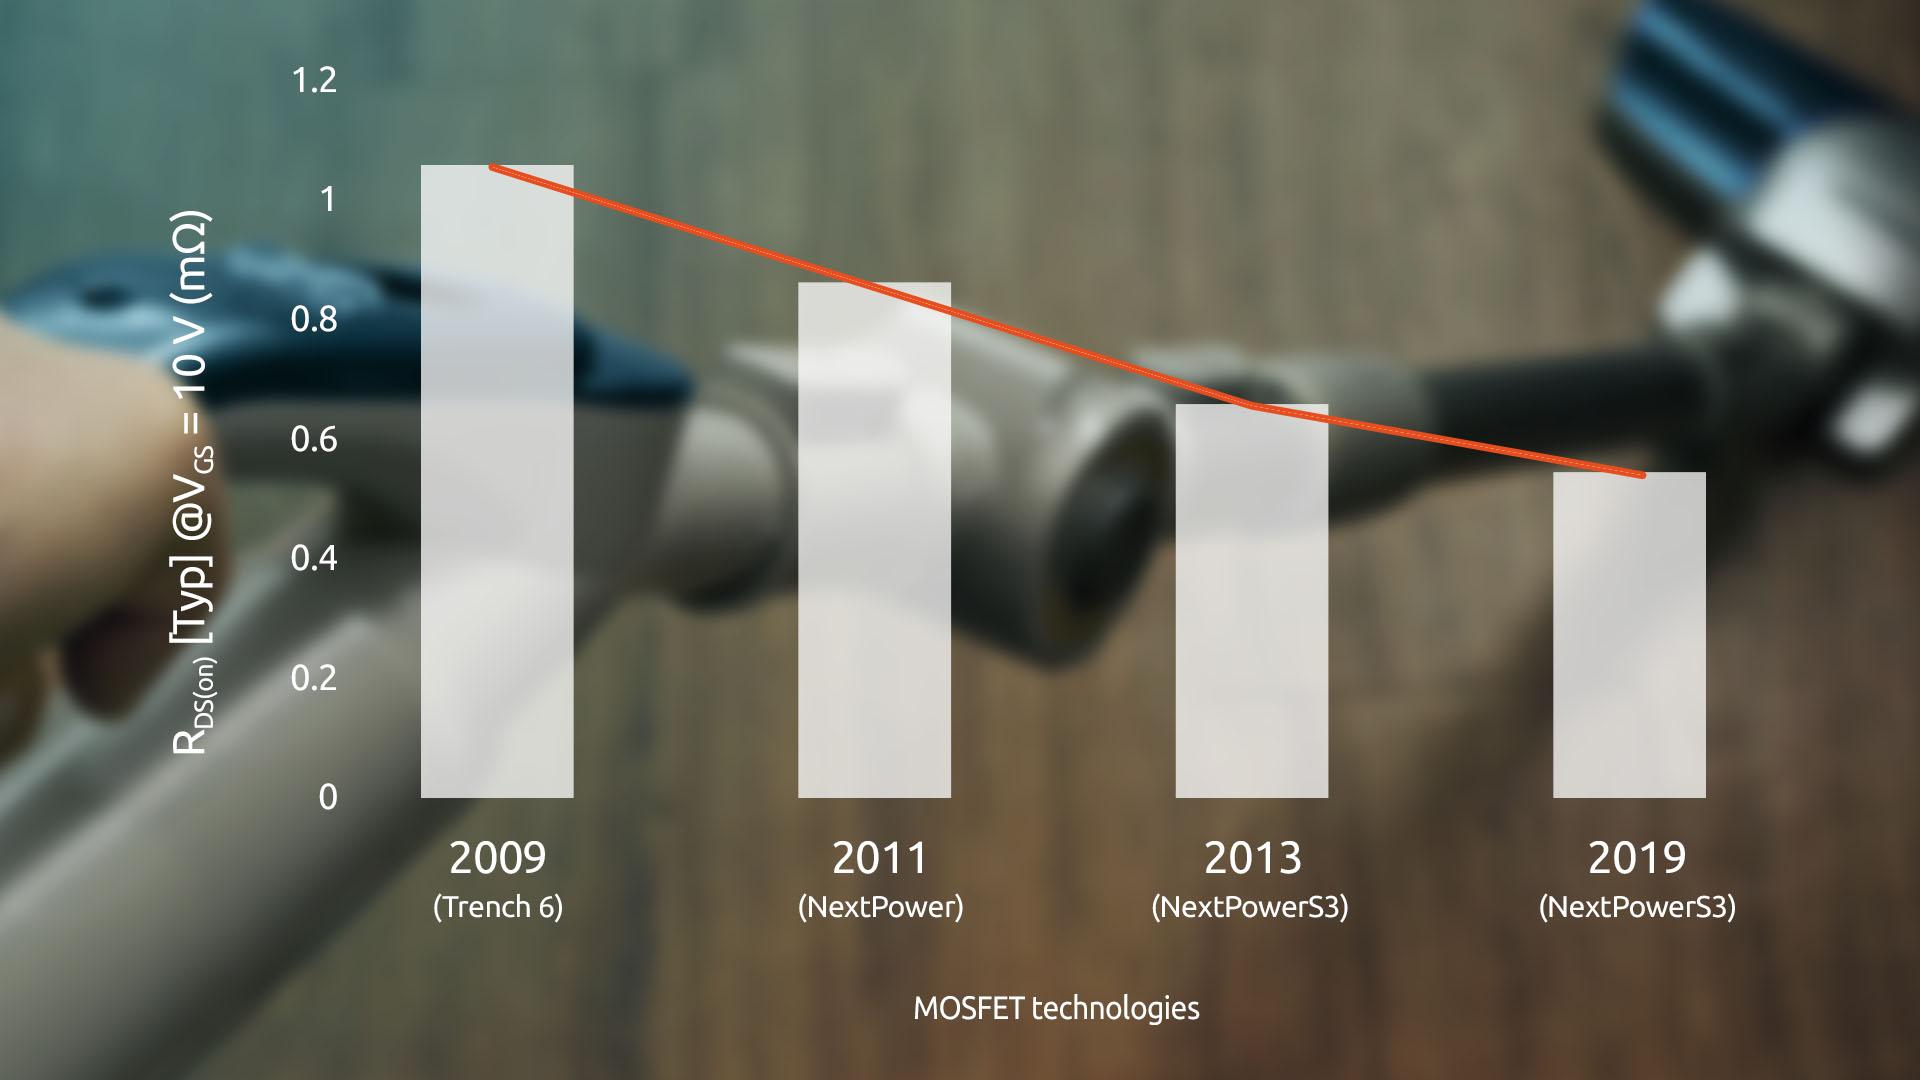 NextPowerS3 Launch Image - Vacuum and Graph.jpg